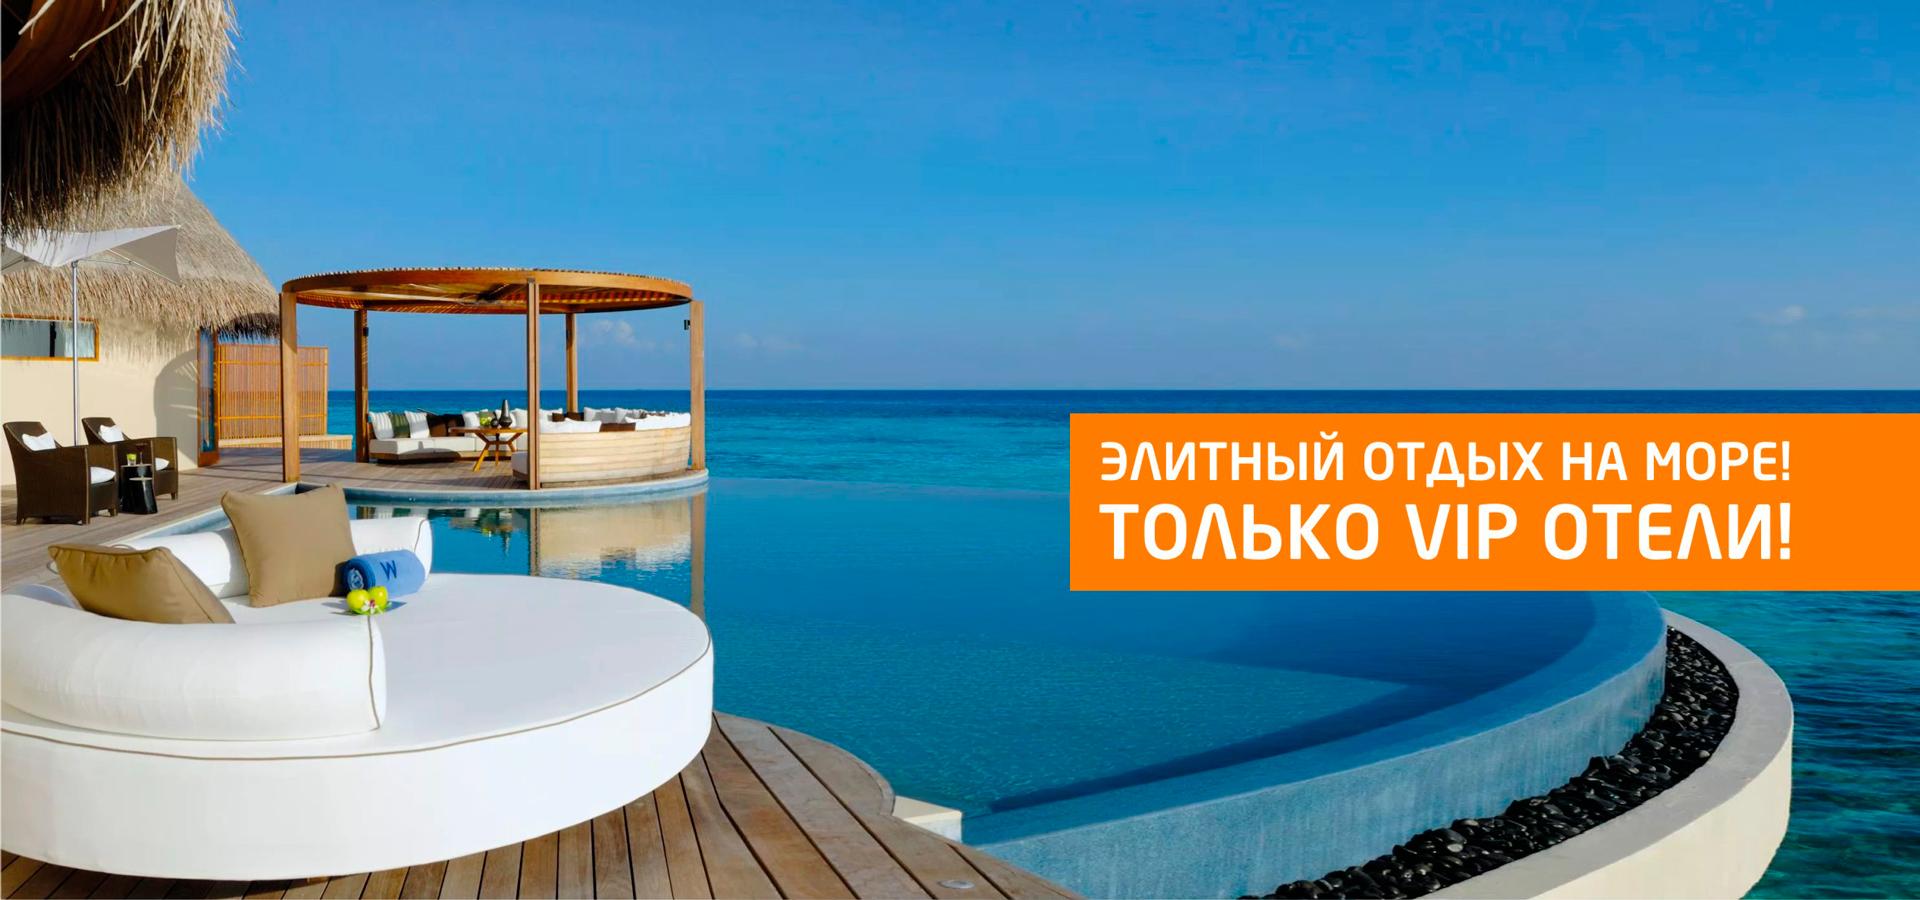 Элитный отдых на море! Только VIP отели!